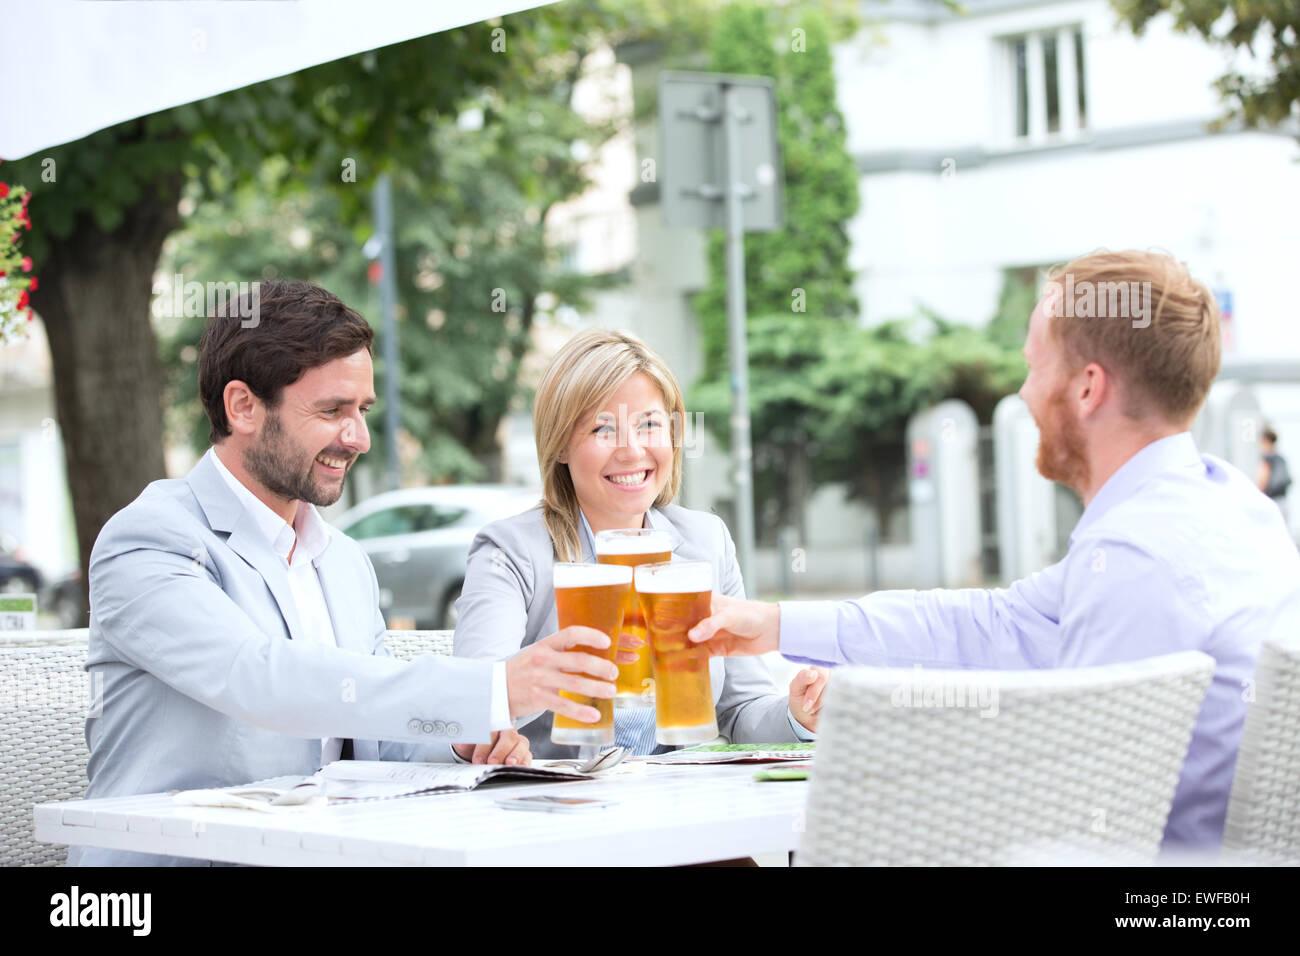 Glücklich Geschäftsleute Toasten Biergläser im Restaurant unter freiem Himmel Stockbild